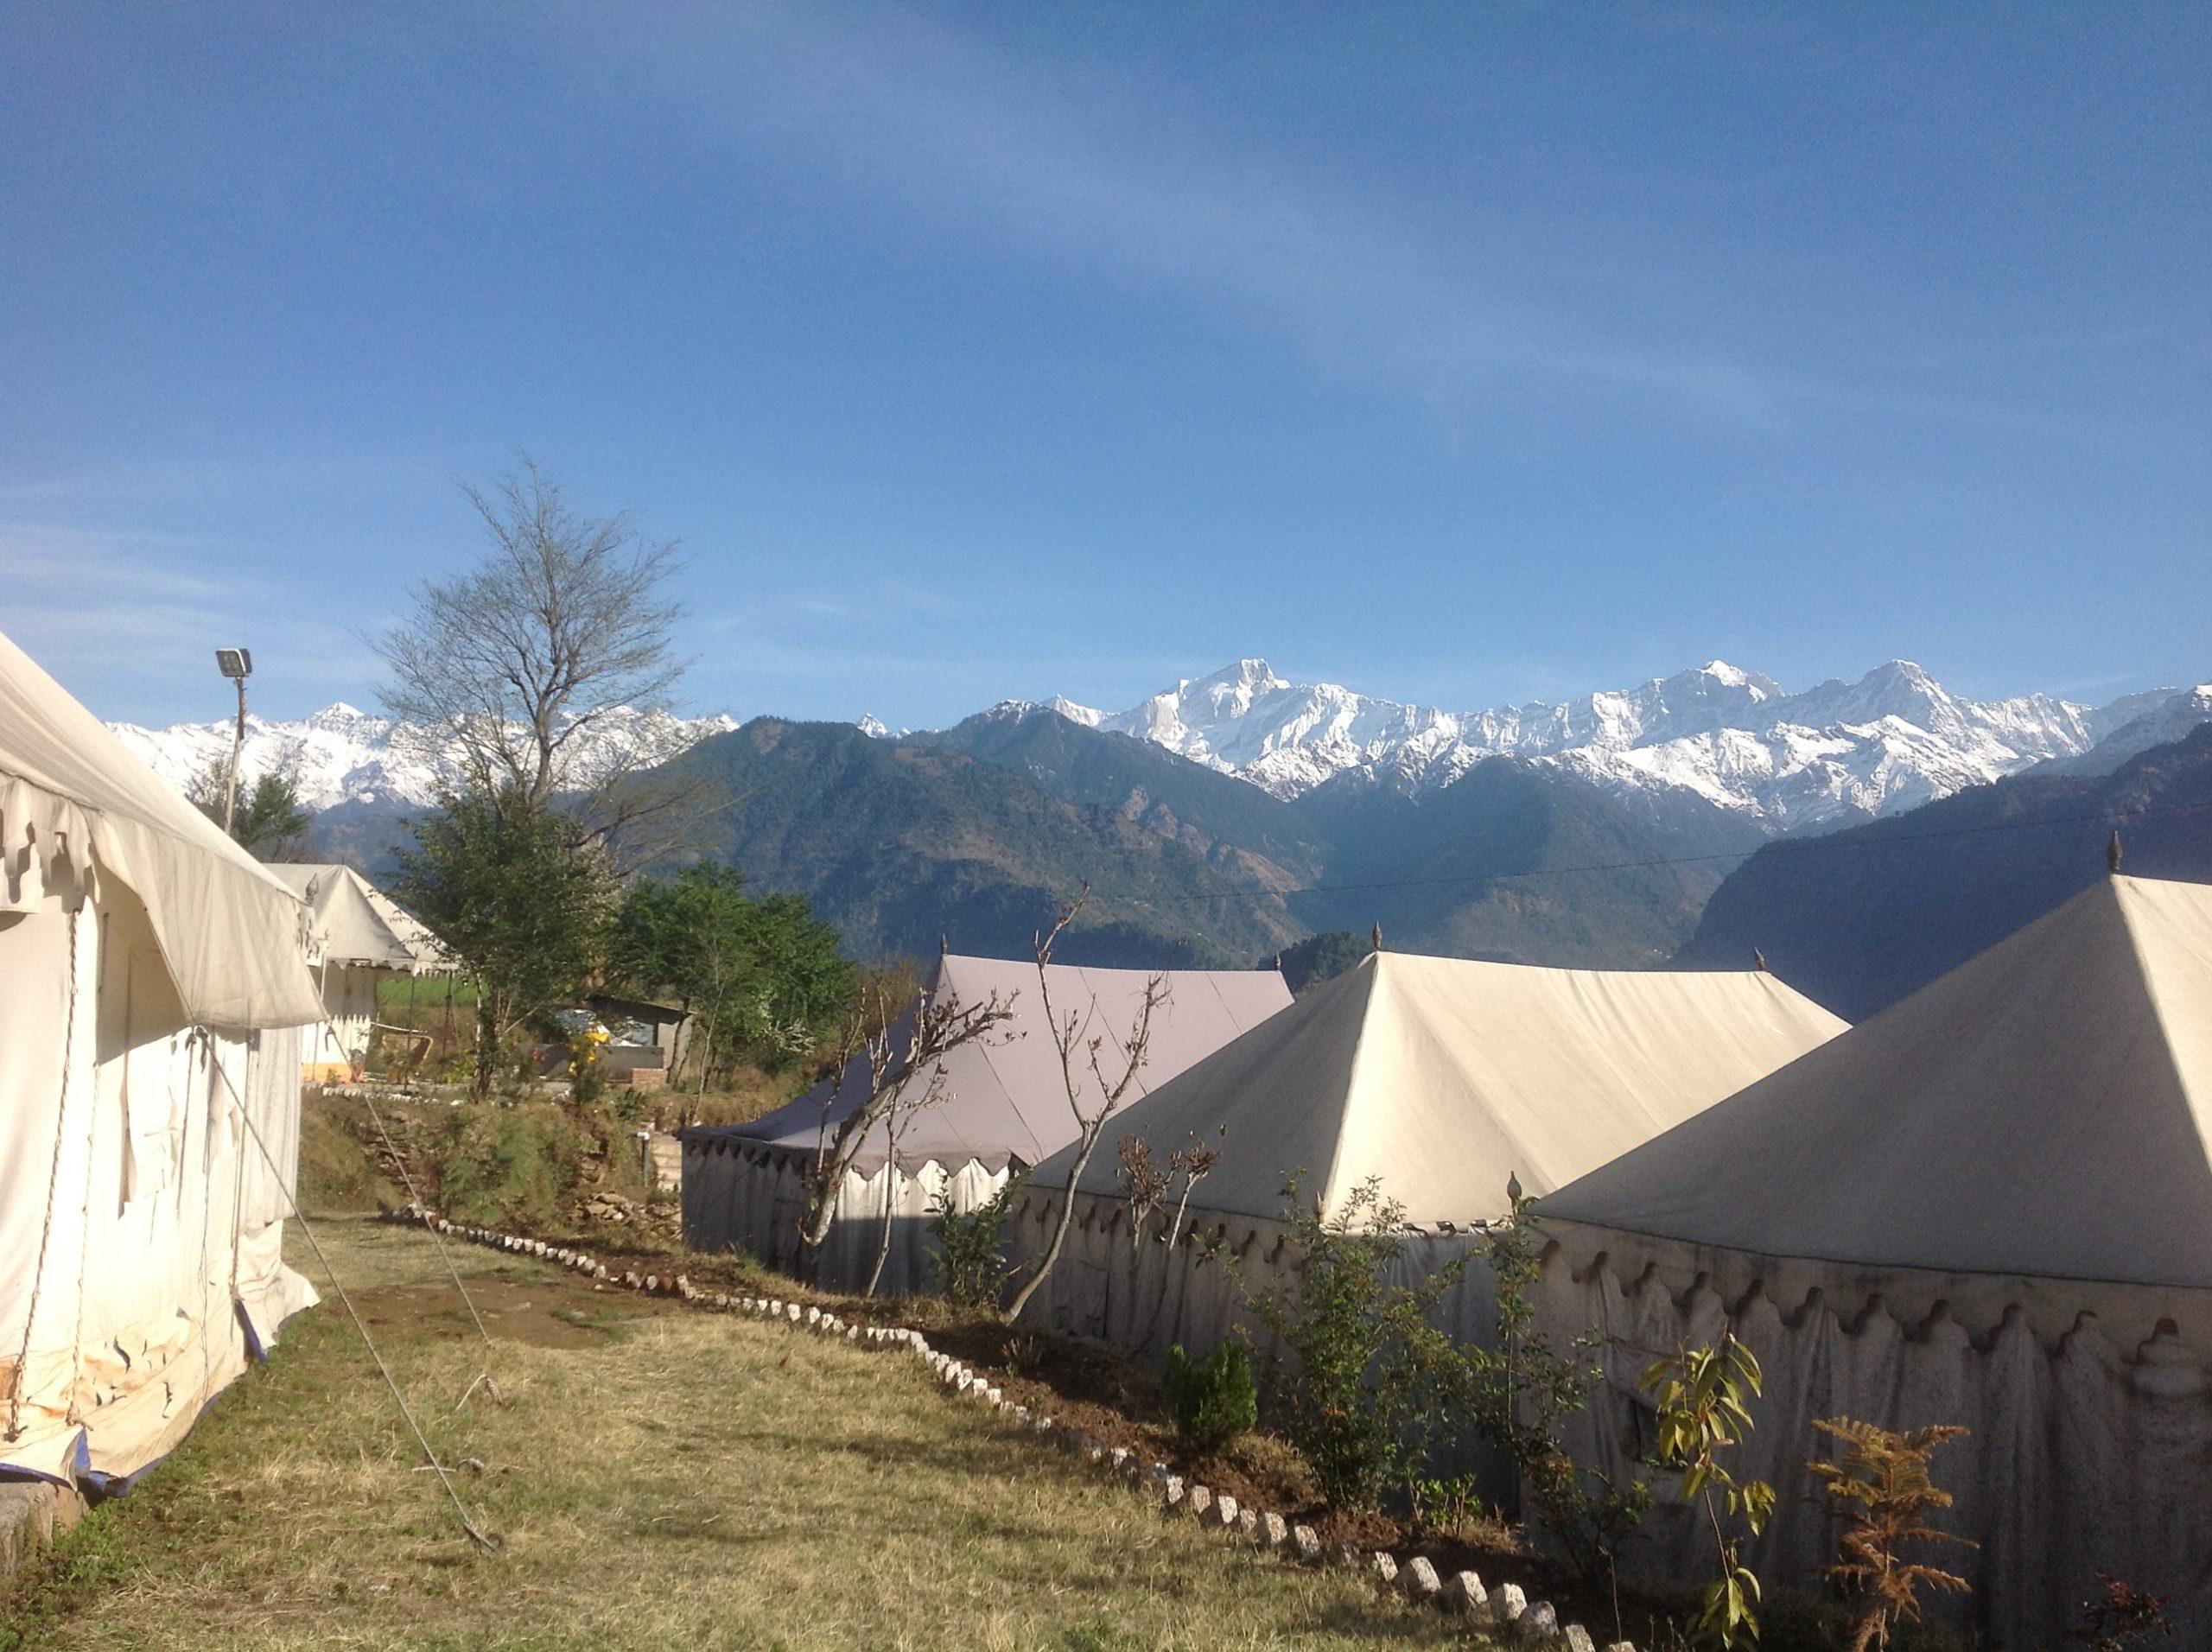 Camp Nirvana Guptkashi, Kedarnath